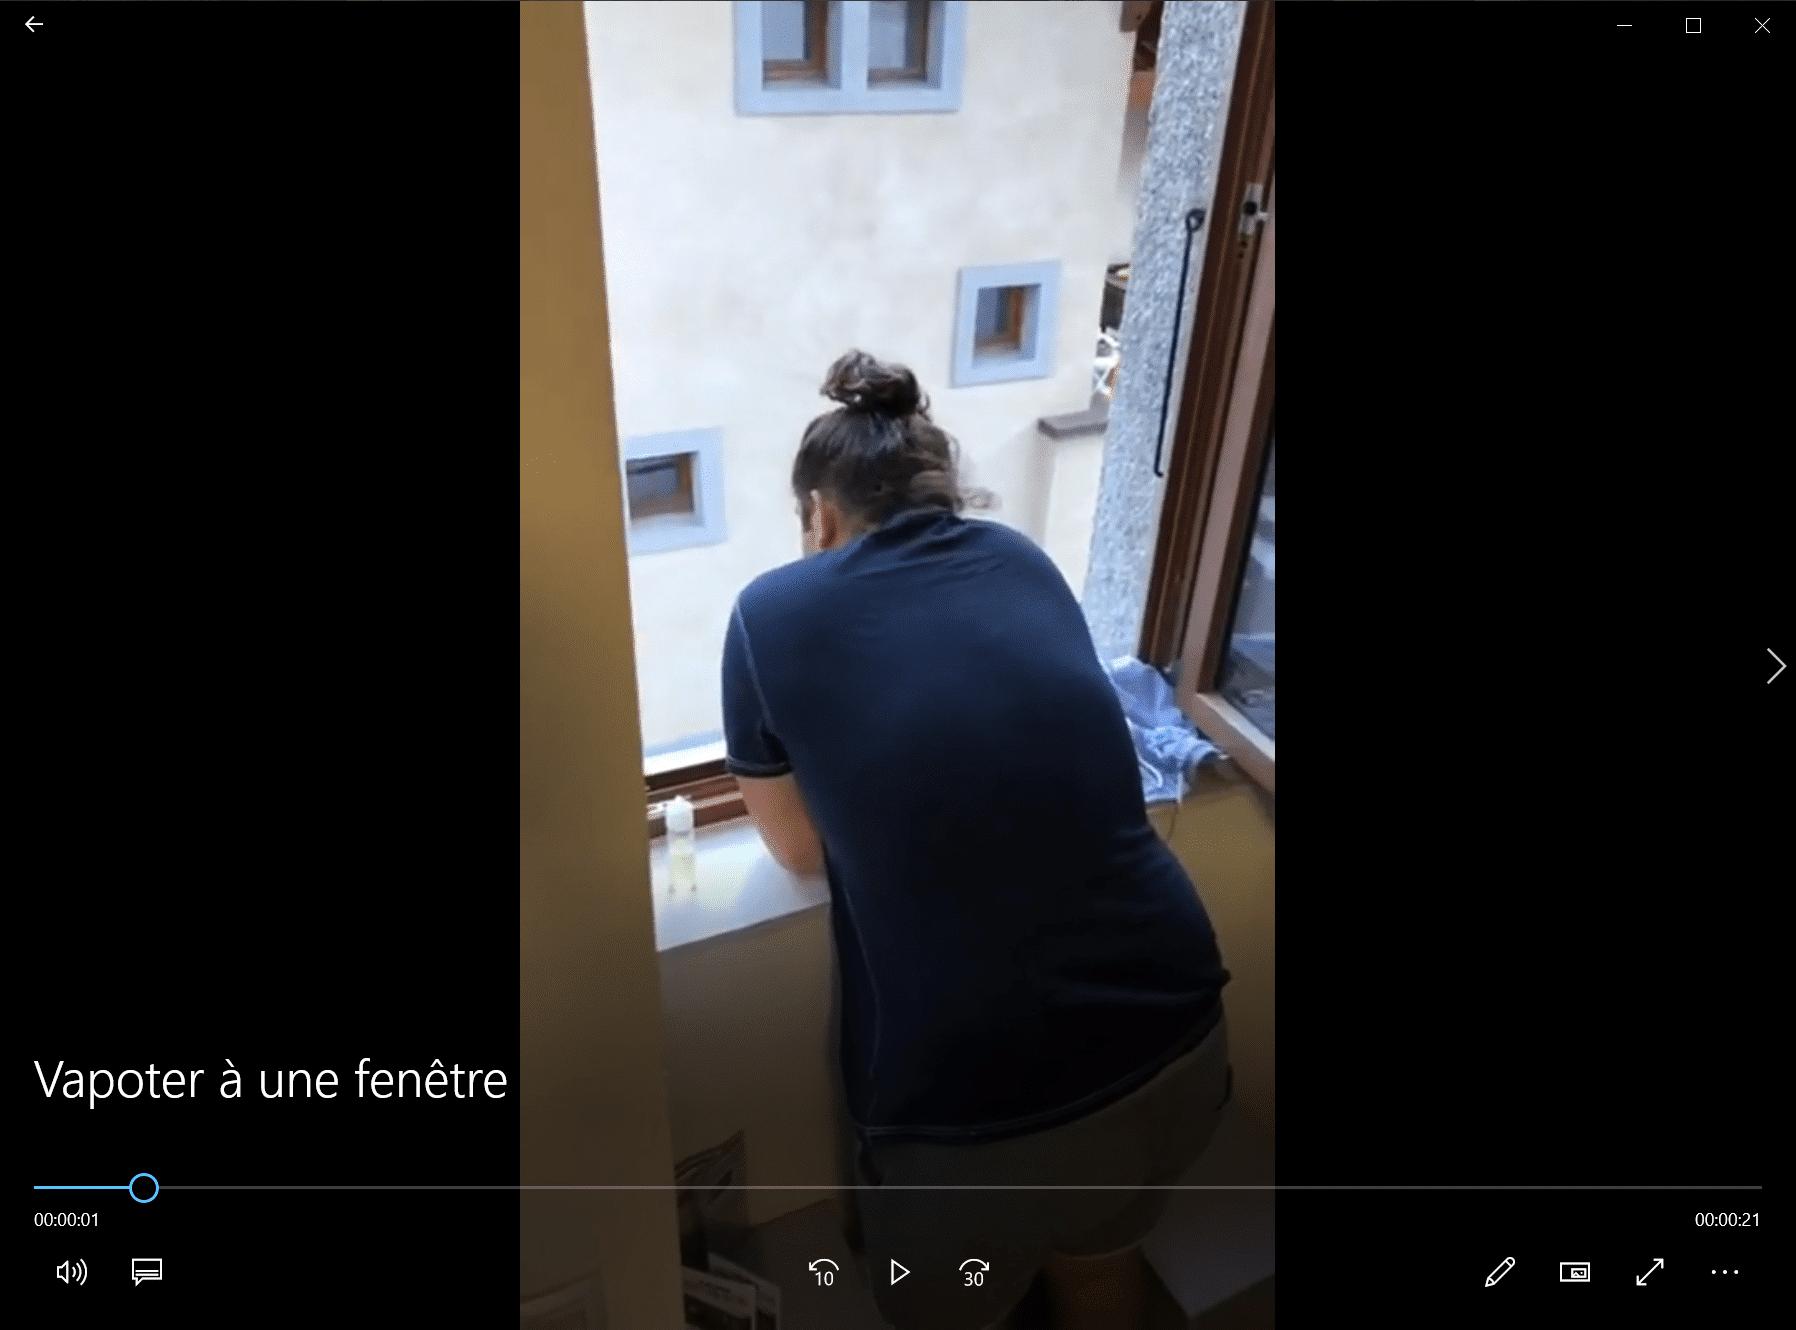 Vapoter à une fenêtre